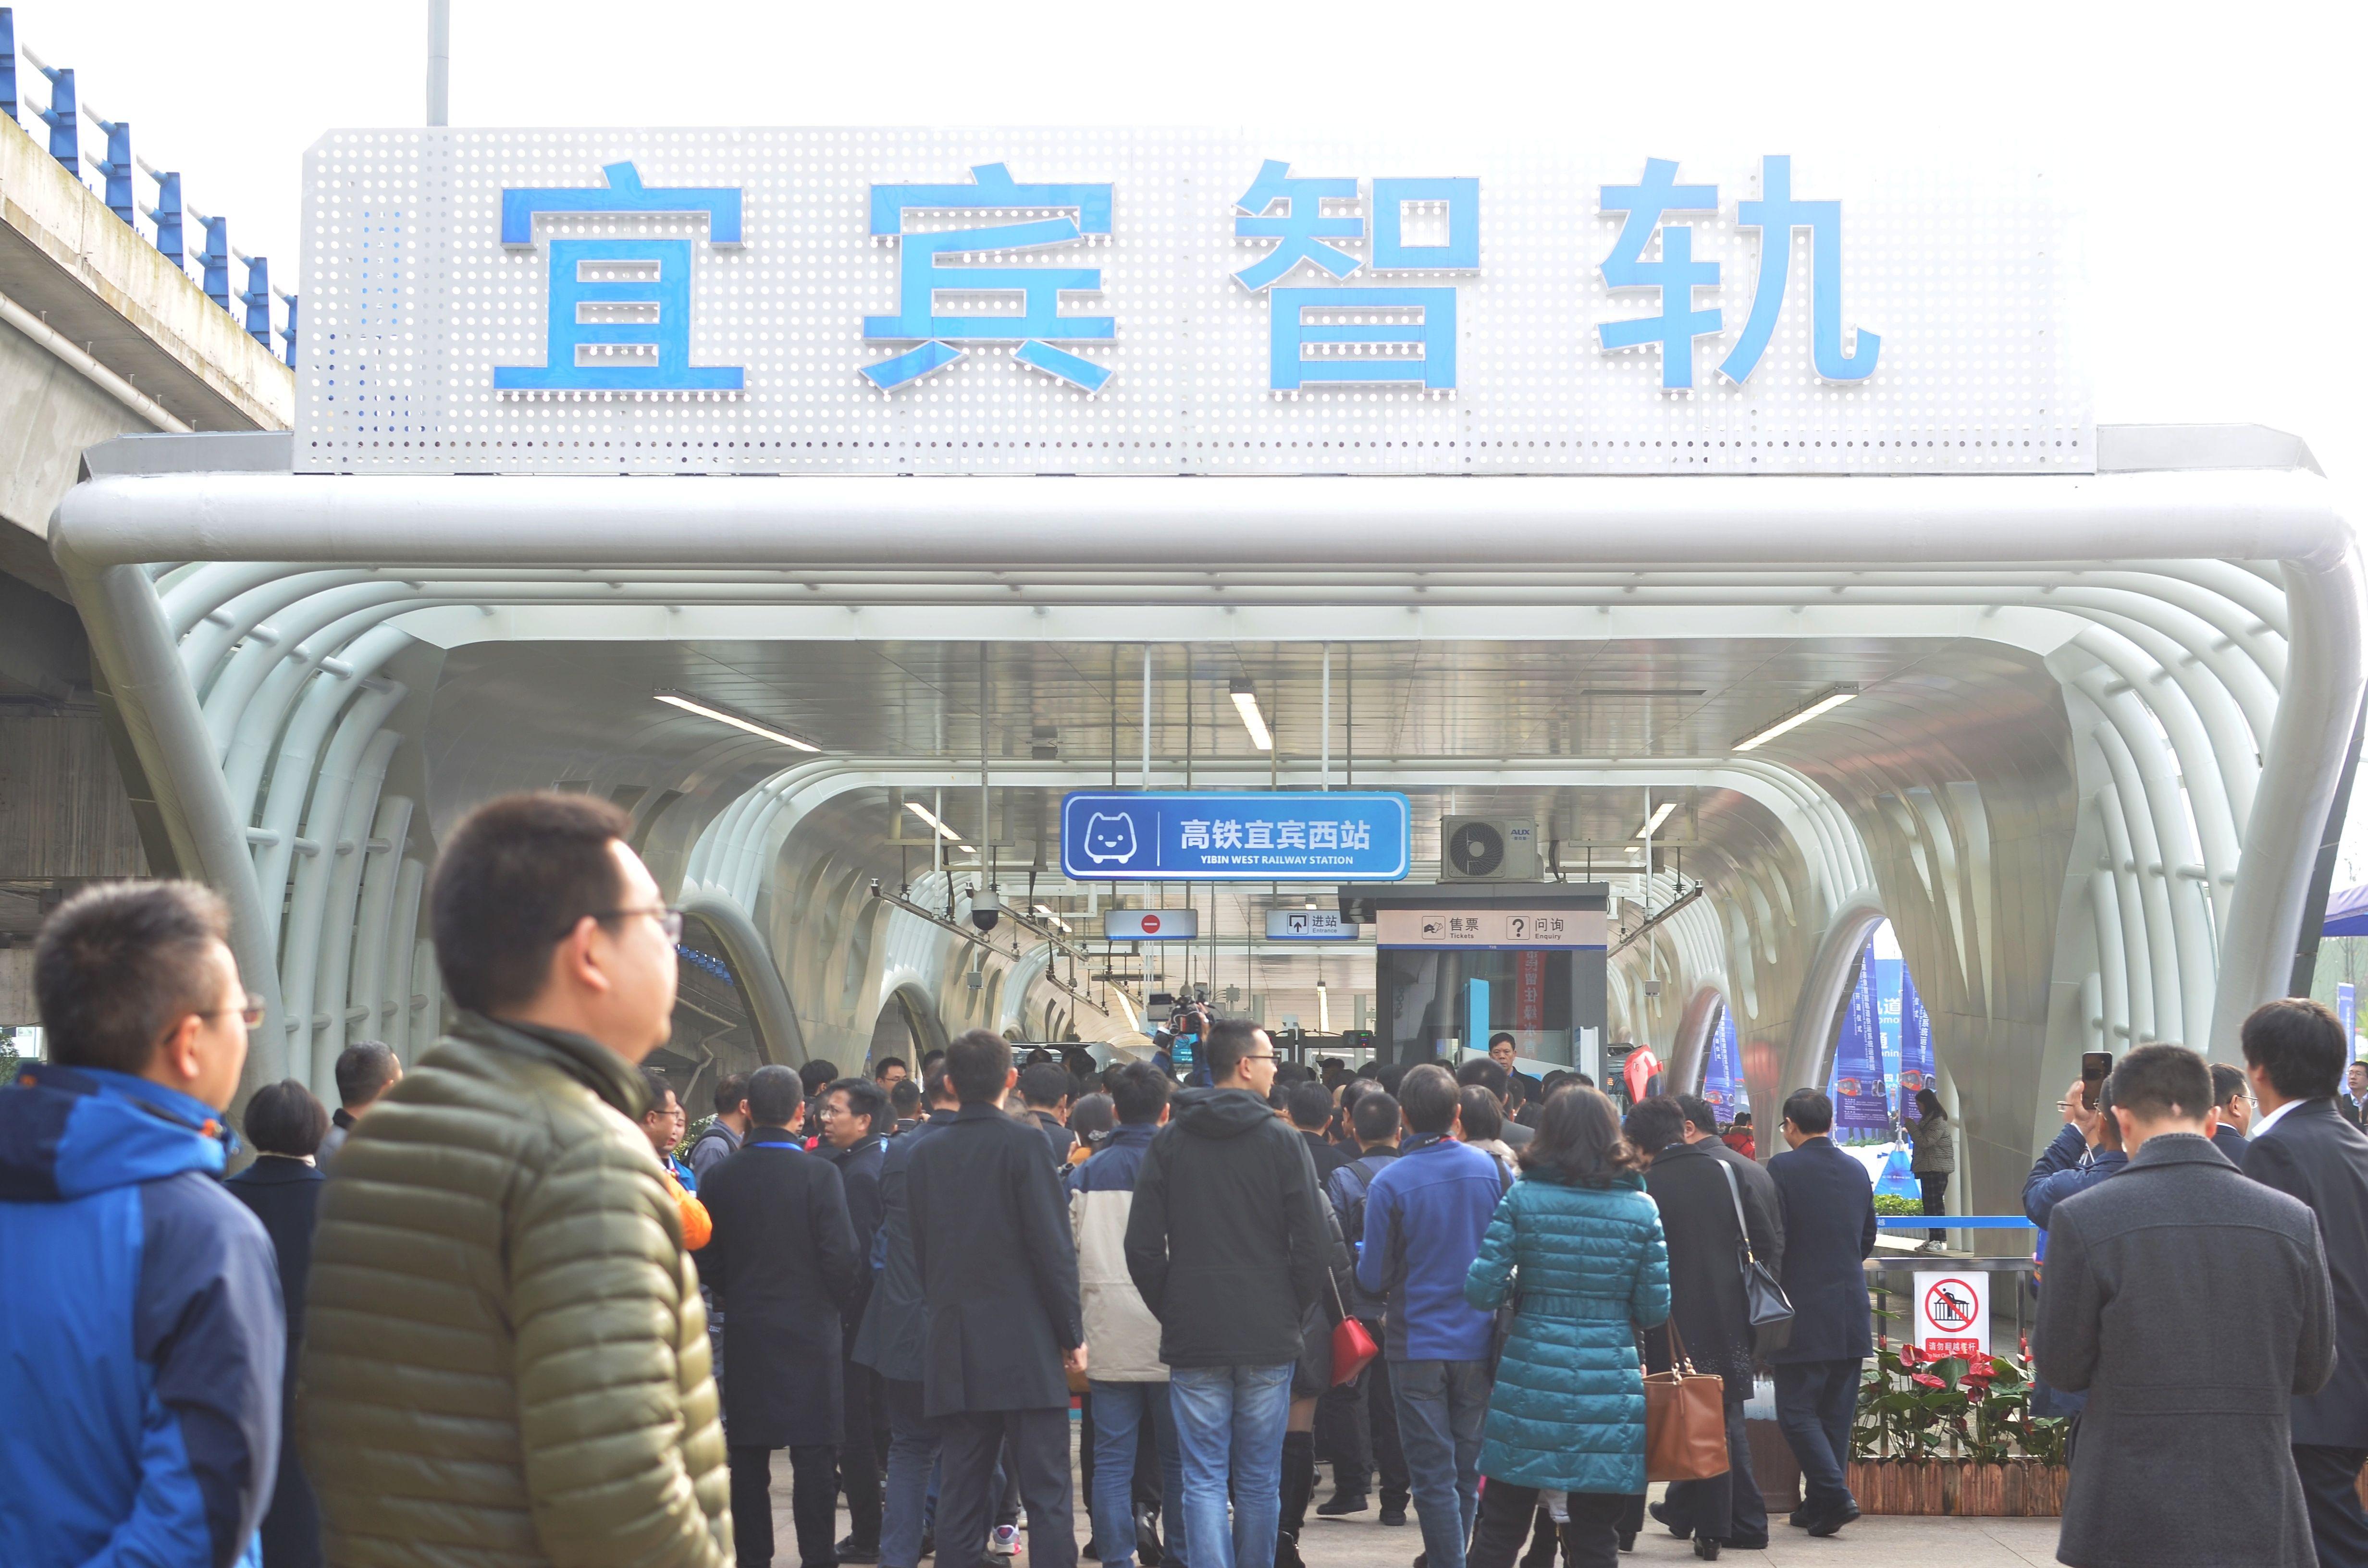 [新京報]全球首條智能軌道快運系統運營線在四川宜賓開通